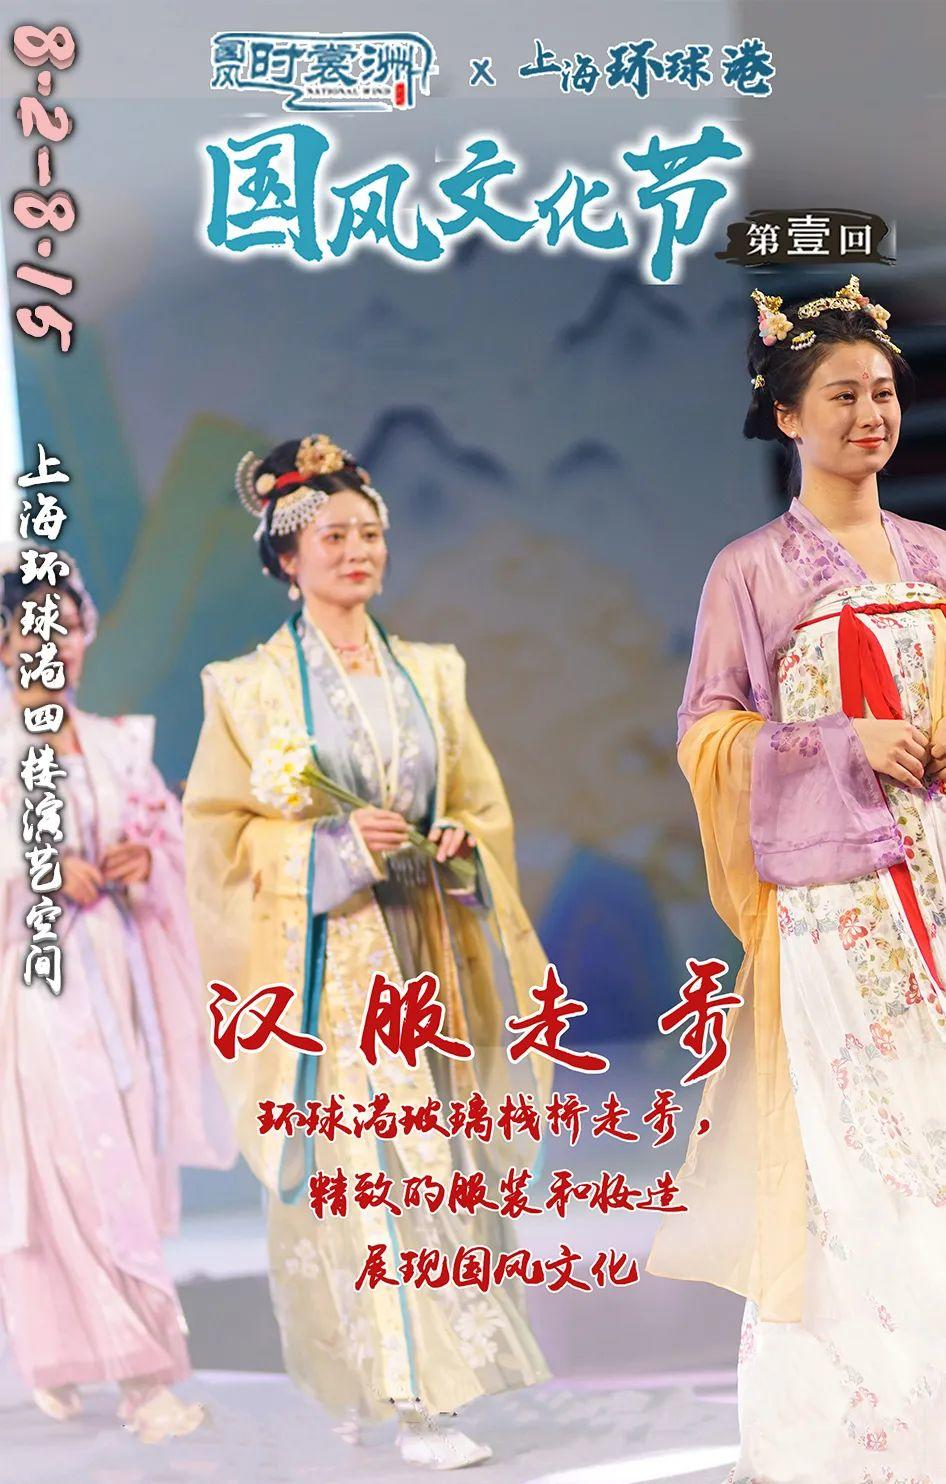 2021上海汉服活动游玩攻略,上海汉服国风文化节攻略(延期)